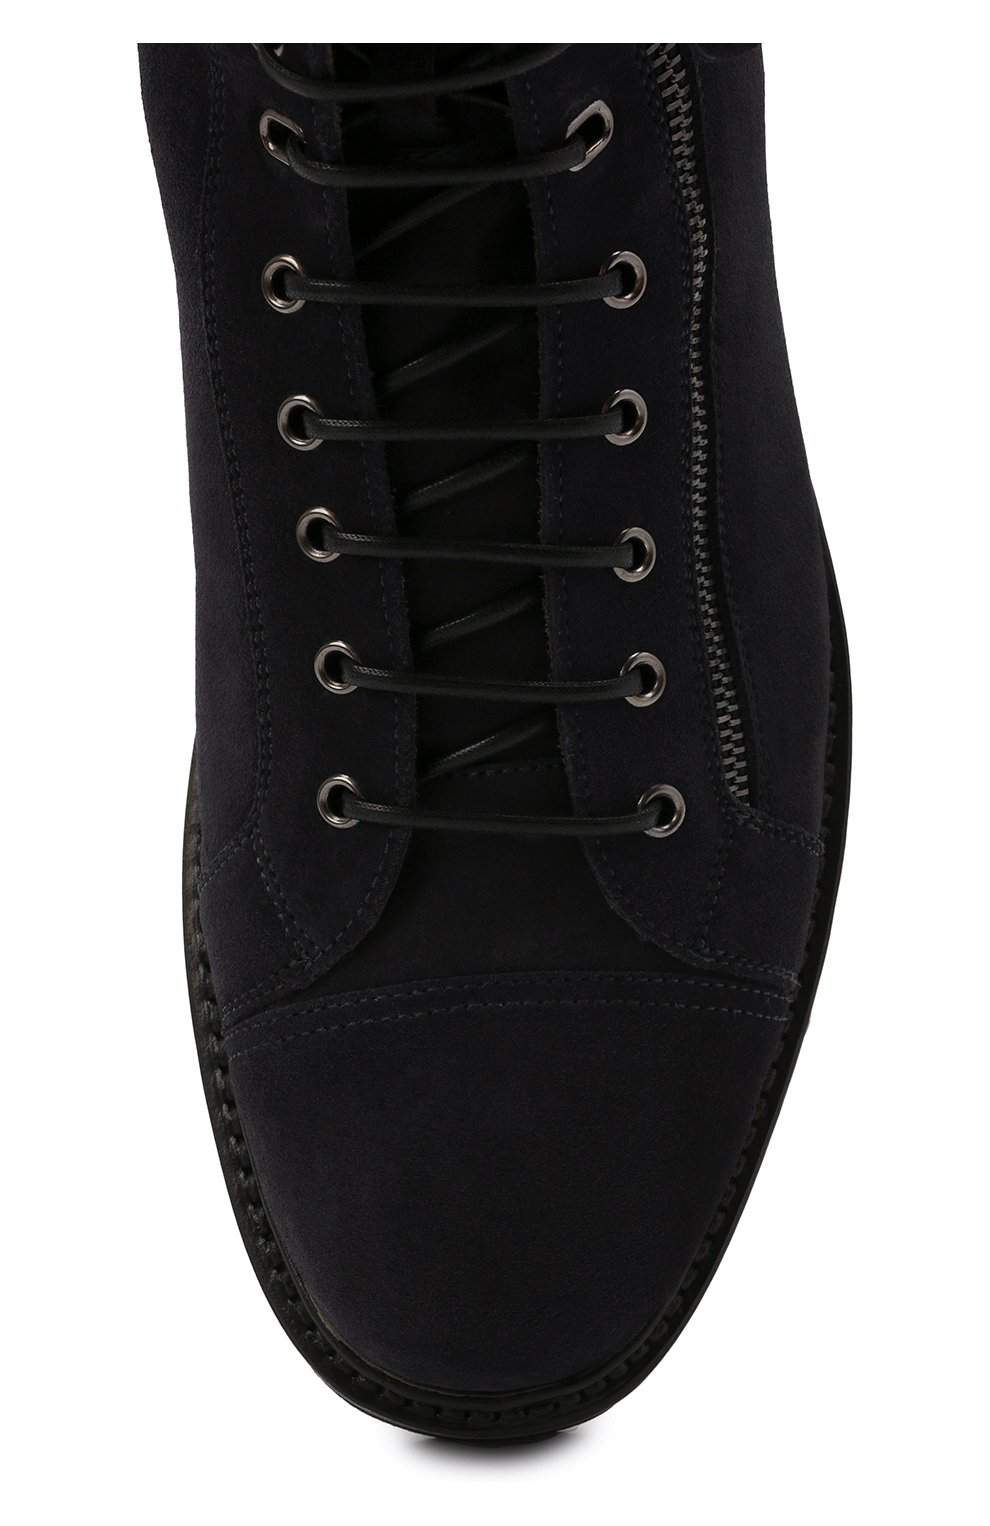 Мужские замшевые ботинки W.GIBBS синего цвета, арт. 0672001/2576 | Фото 5 (Материал утеплителя: Натуральный мех; Мужское Кросс-КТ: Ботинки-обувь, зимние ботинки; Подошва: Массивная; Материал внешний: Замша)